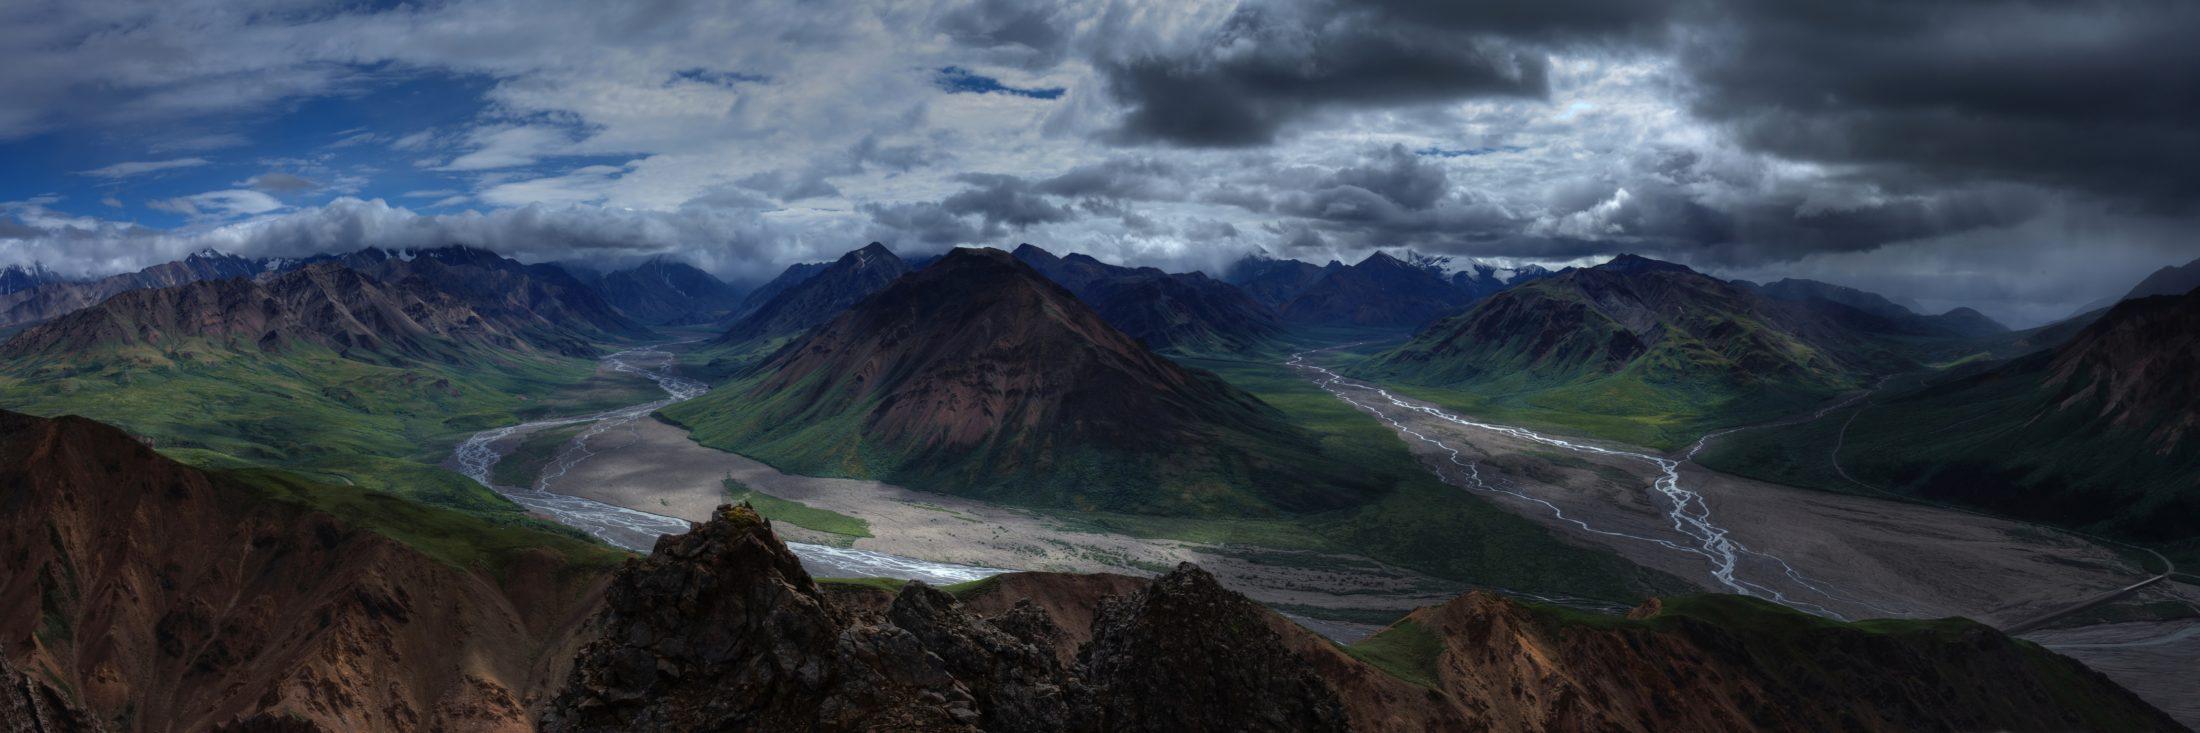 landscape-1622739